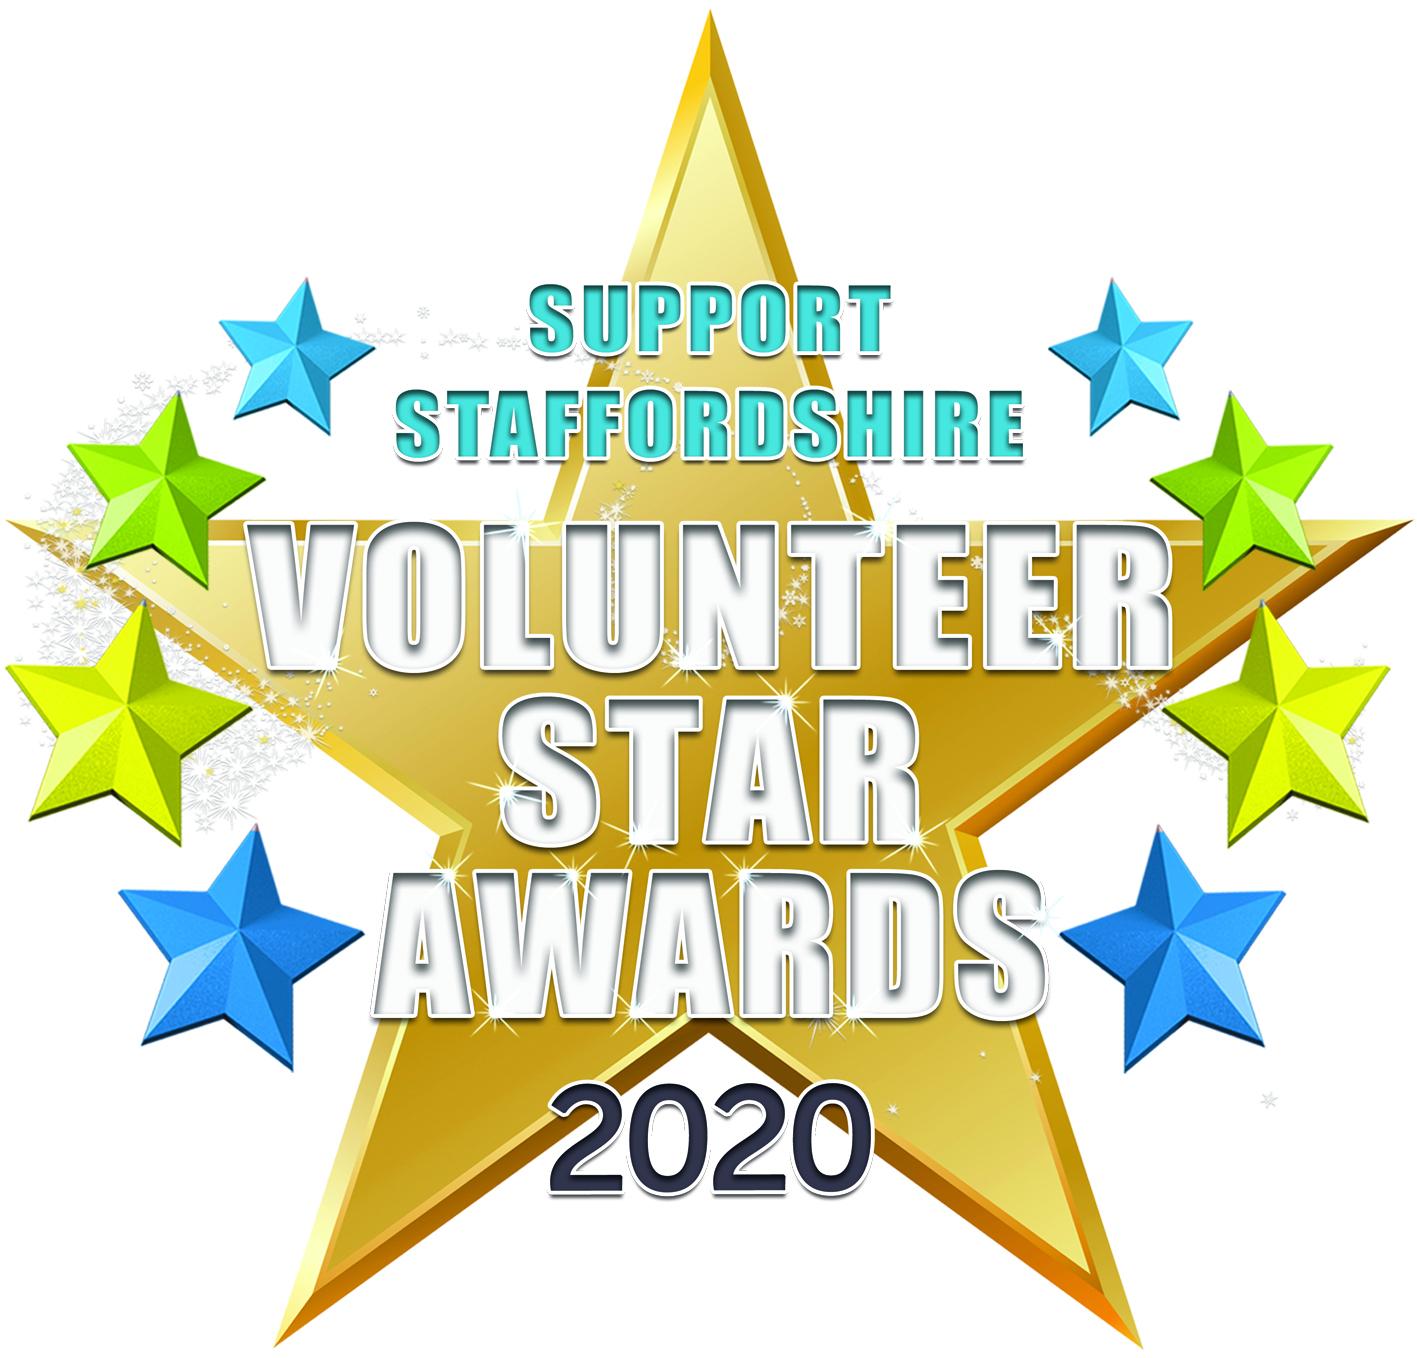 Support Staffordshire Volunteer Star Awards 2020